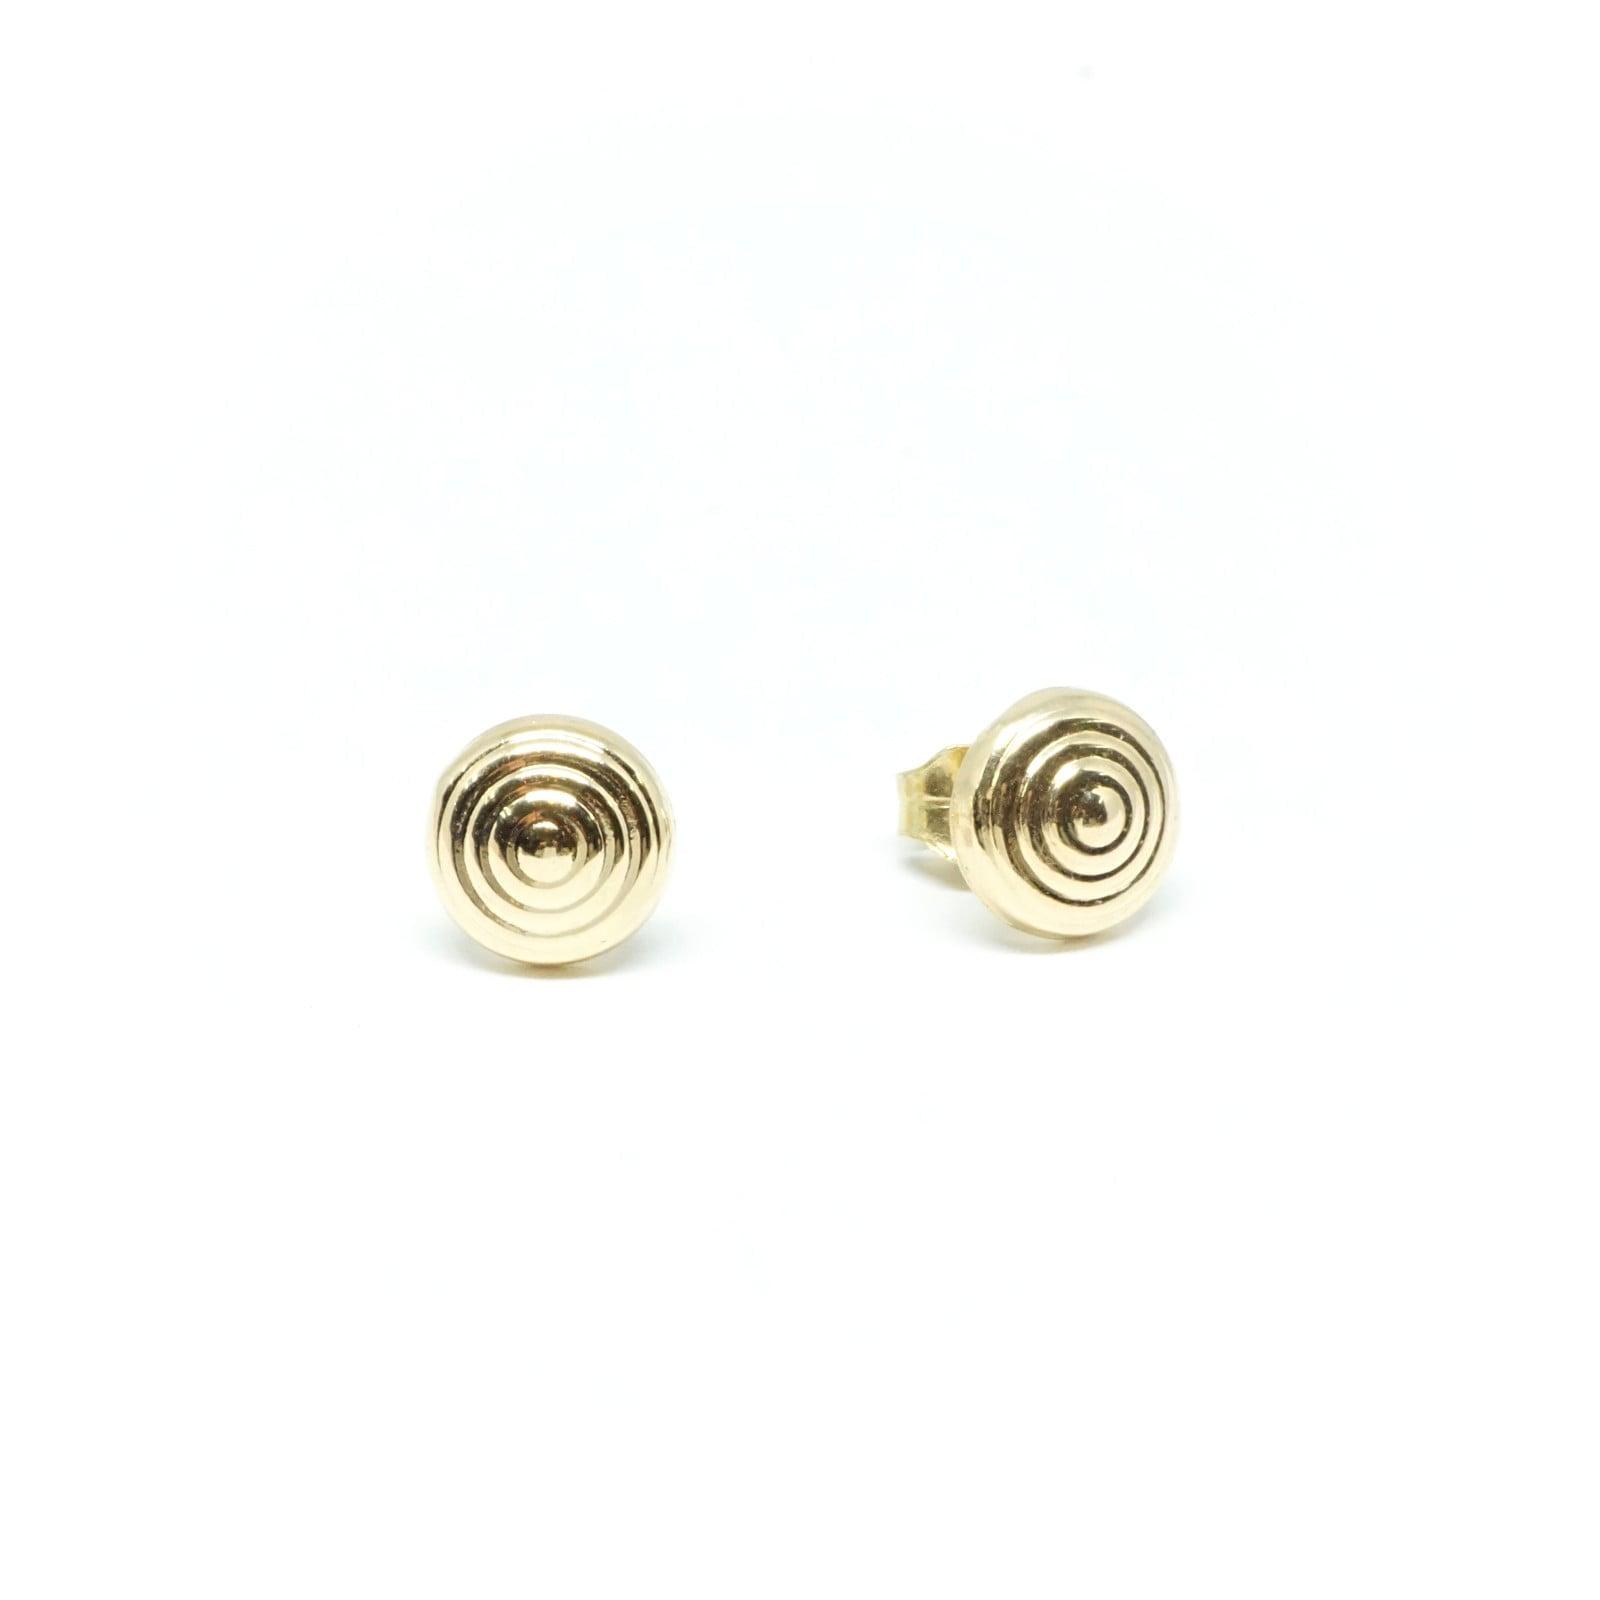 עגילי זהב צמודים  עגילים בעבודת יד  עגילים מעוצבים   עגילי ספירלה  עגילי כפתור   עגילים לכלה